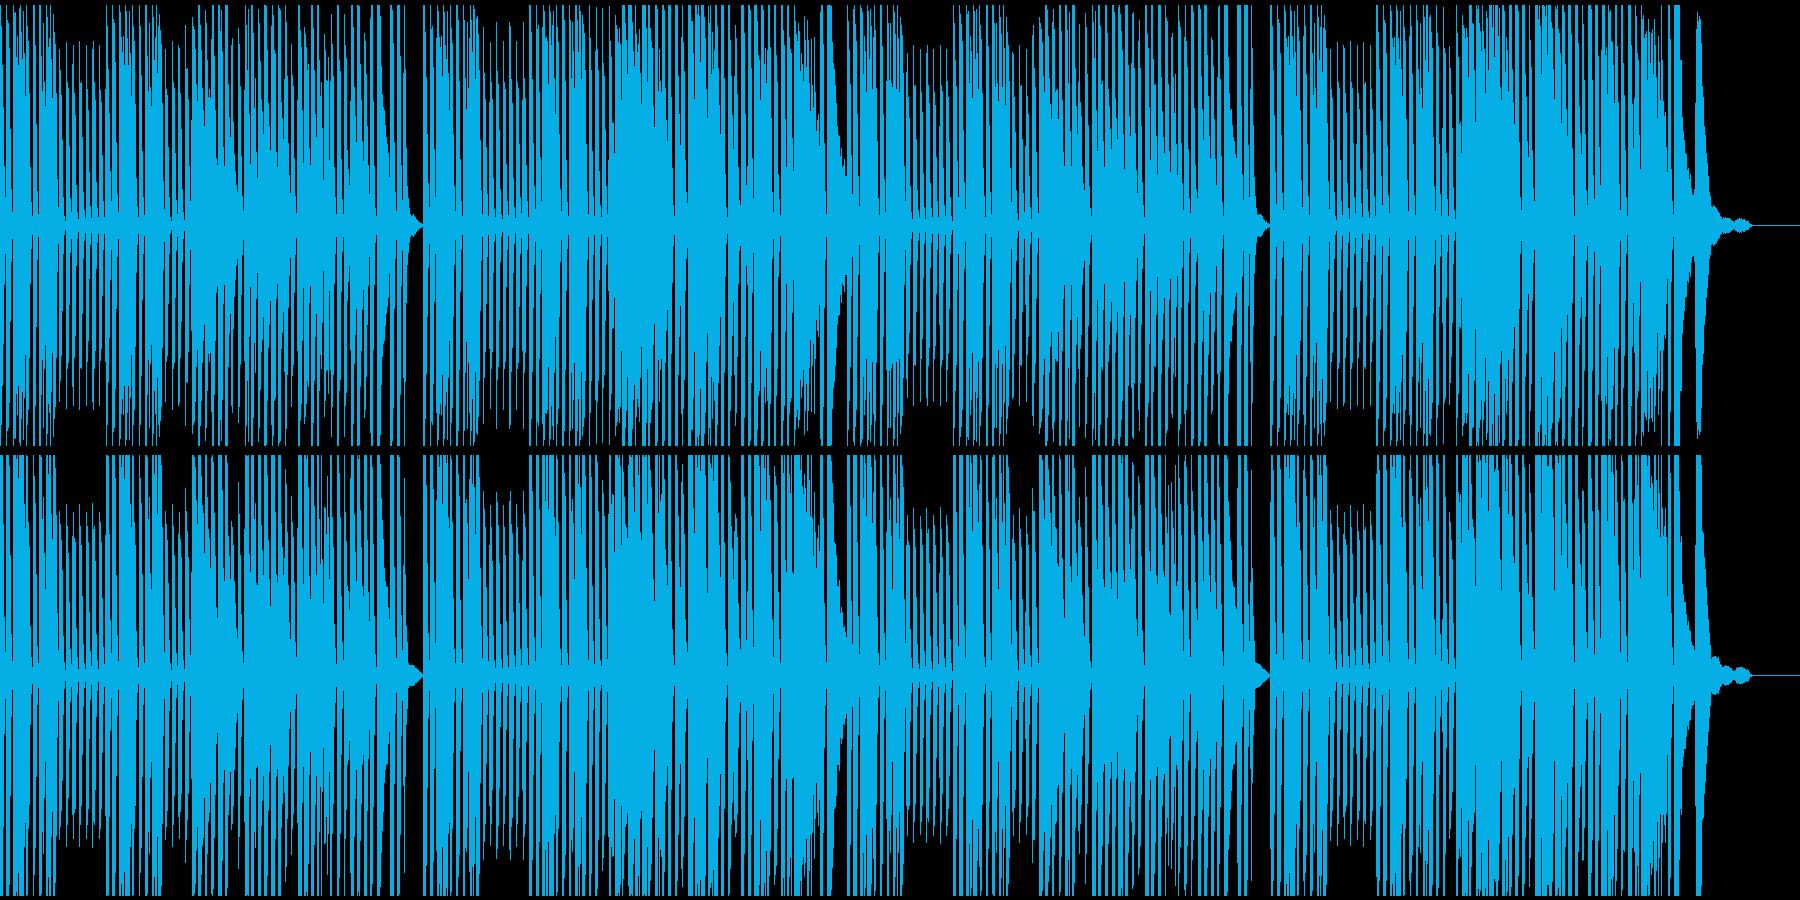 料理動画をイメージしたピアノソロの再生済みの波形